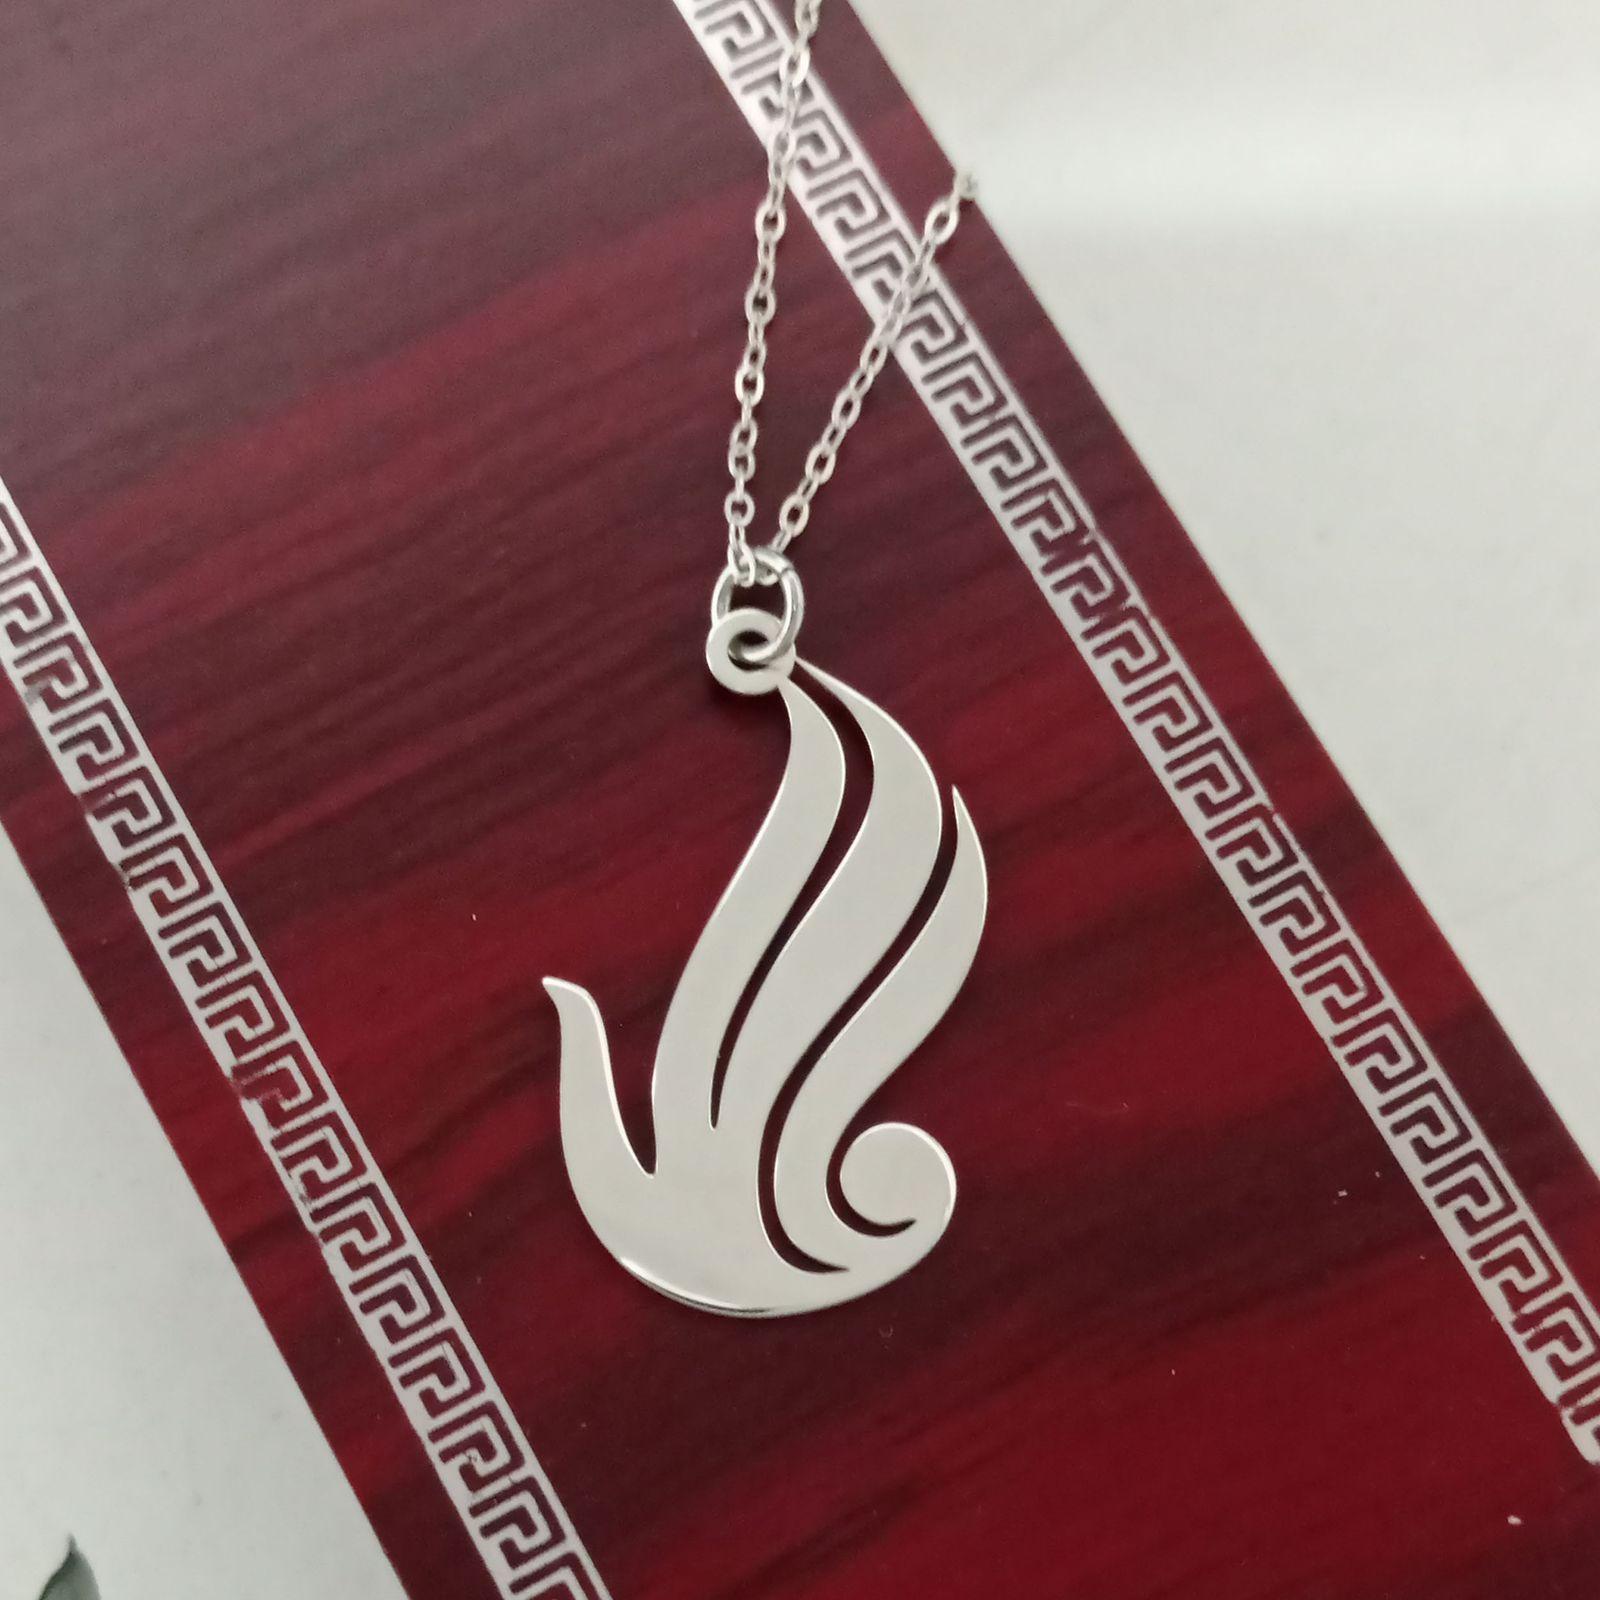 گردنبند نقره زنانه ترمه 1 طرح الله کد mas 0018 -  - 3